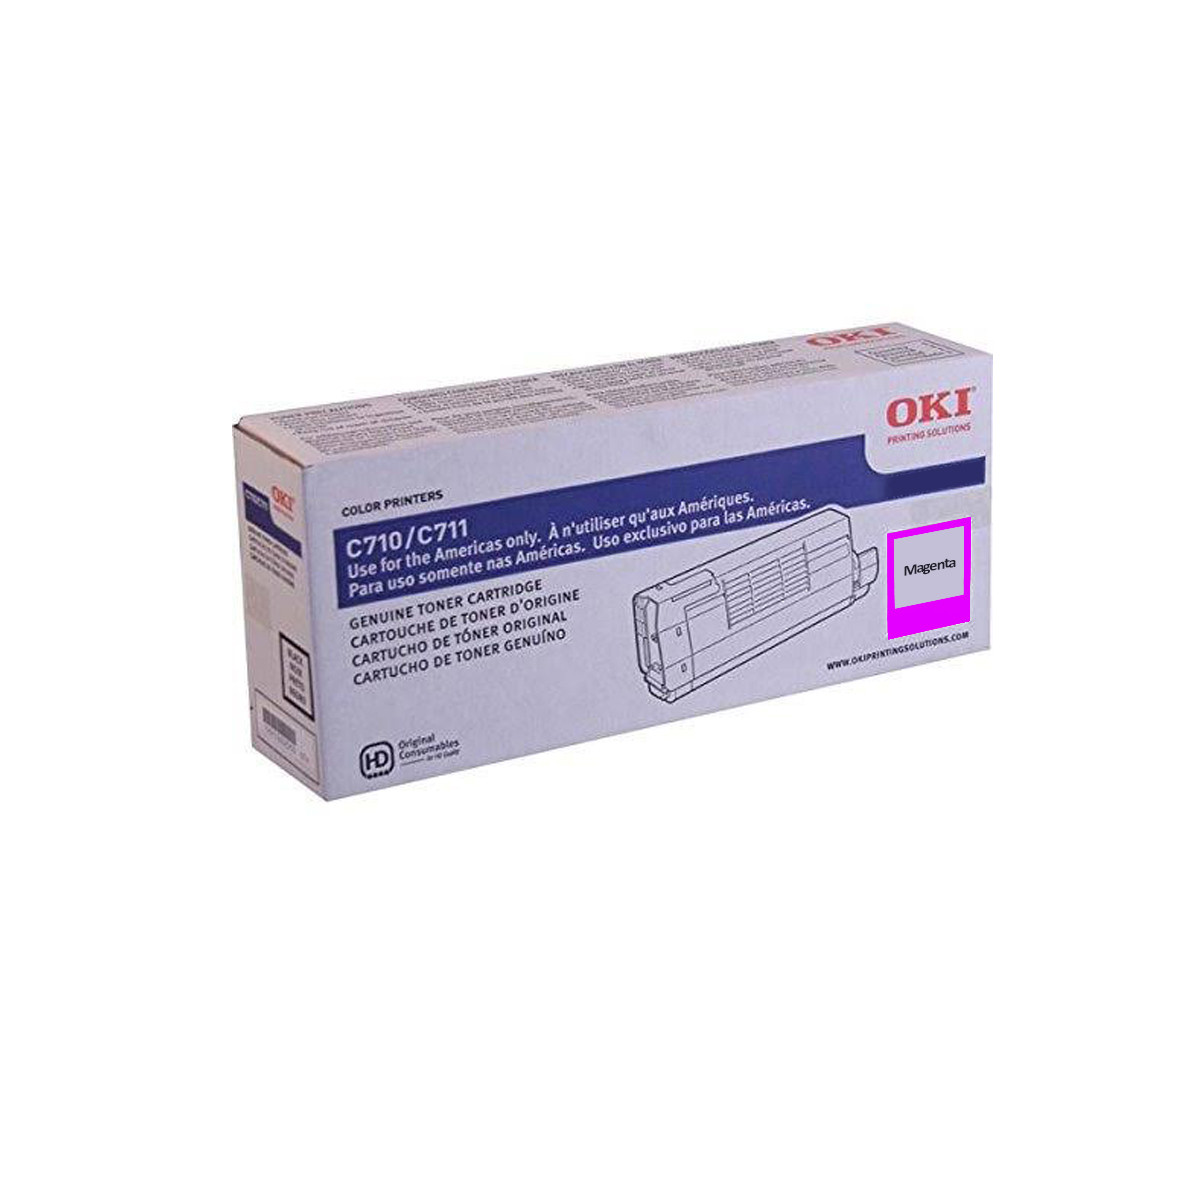 Toner Okidata Magenta | C711 C711N C711WT | 44318602 | Original 11.5k